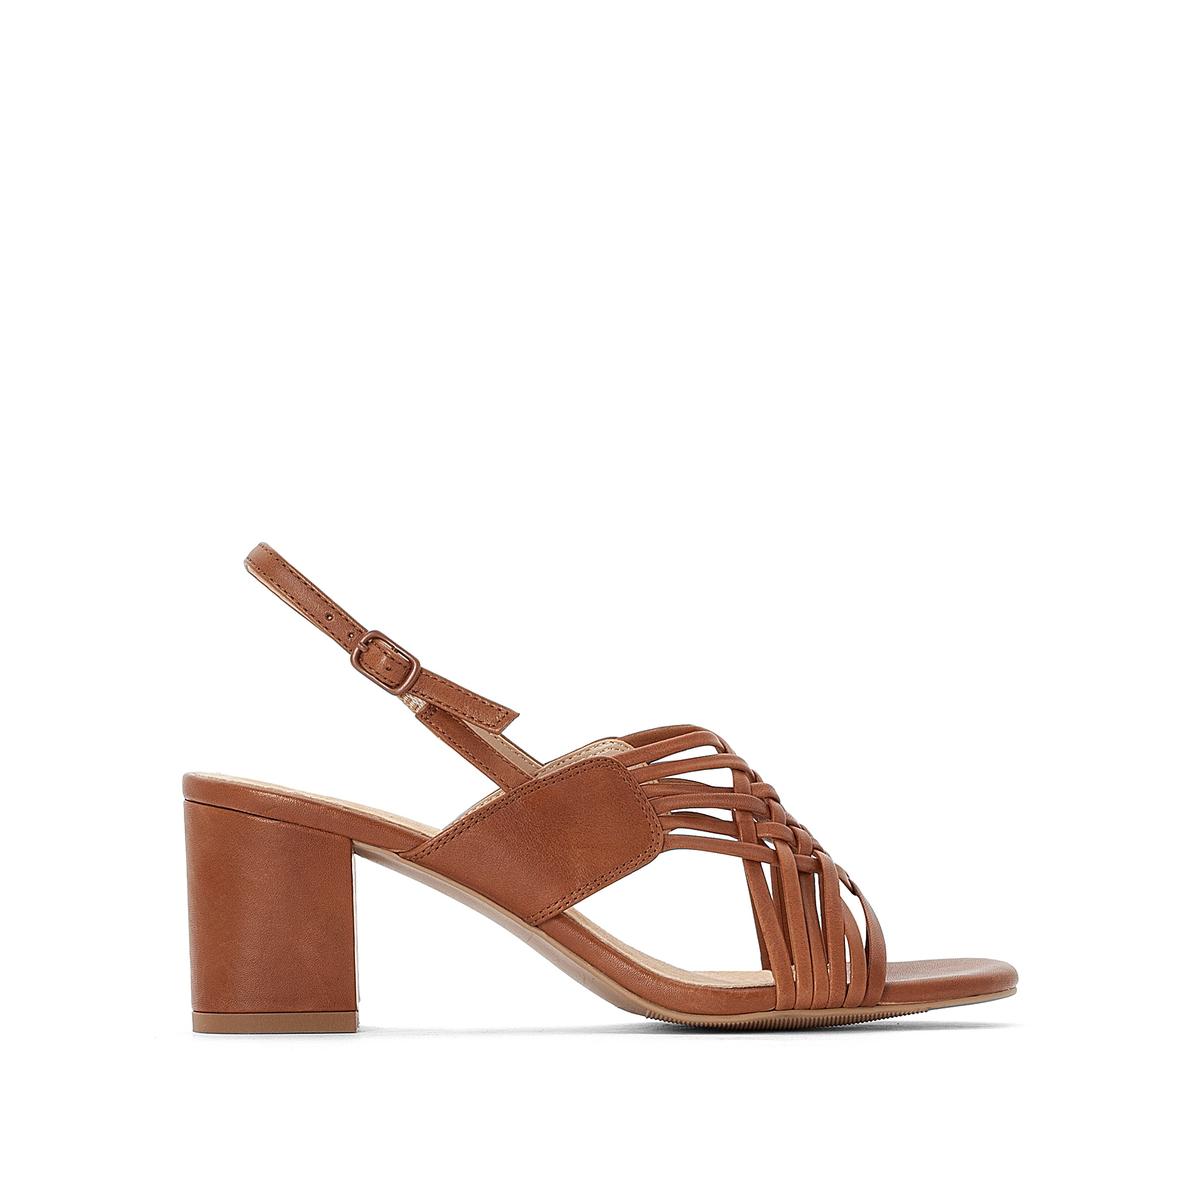 Sandalias de piel cruzadas delante